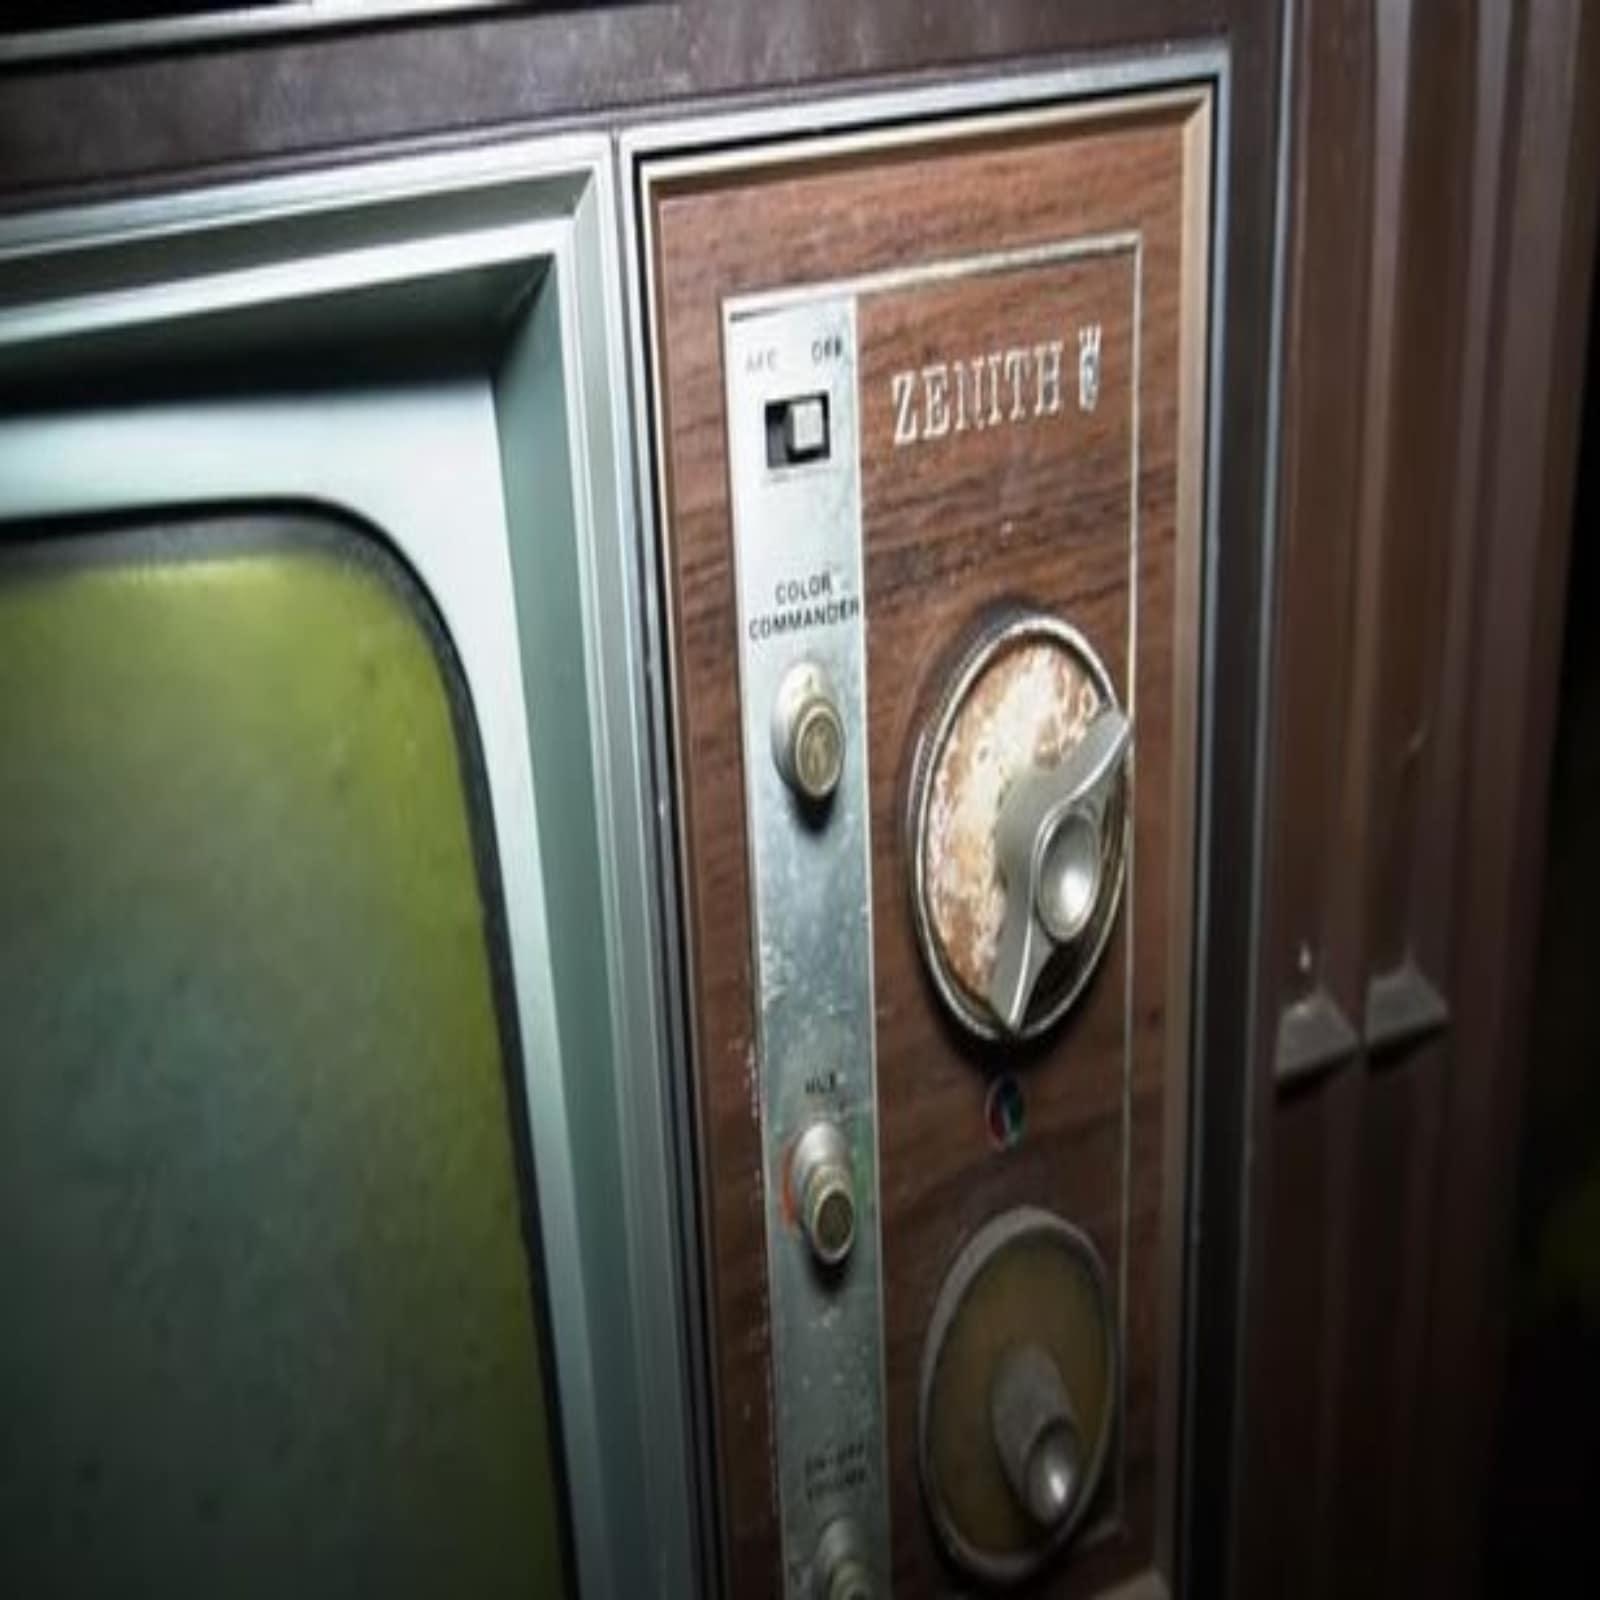 सालों पुराना टीवी अभी भी बिलकुल सही कंडीशन में कमरे में रखा हुआ था.